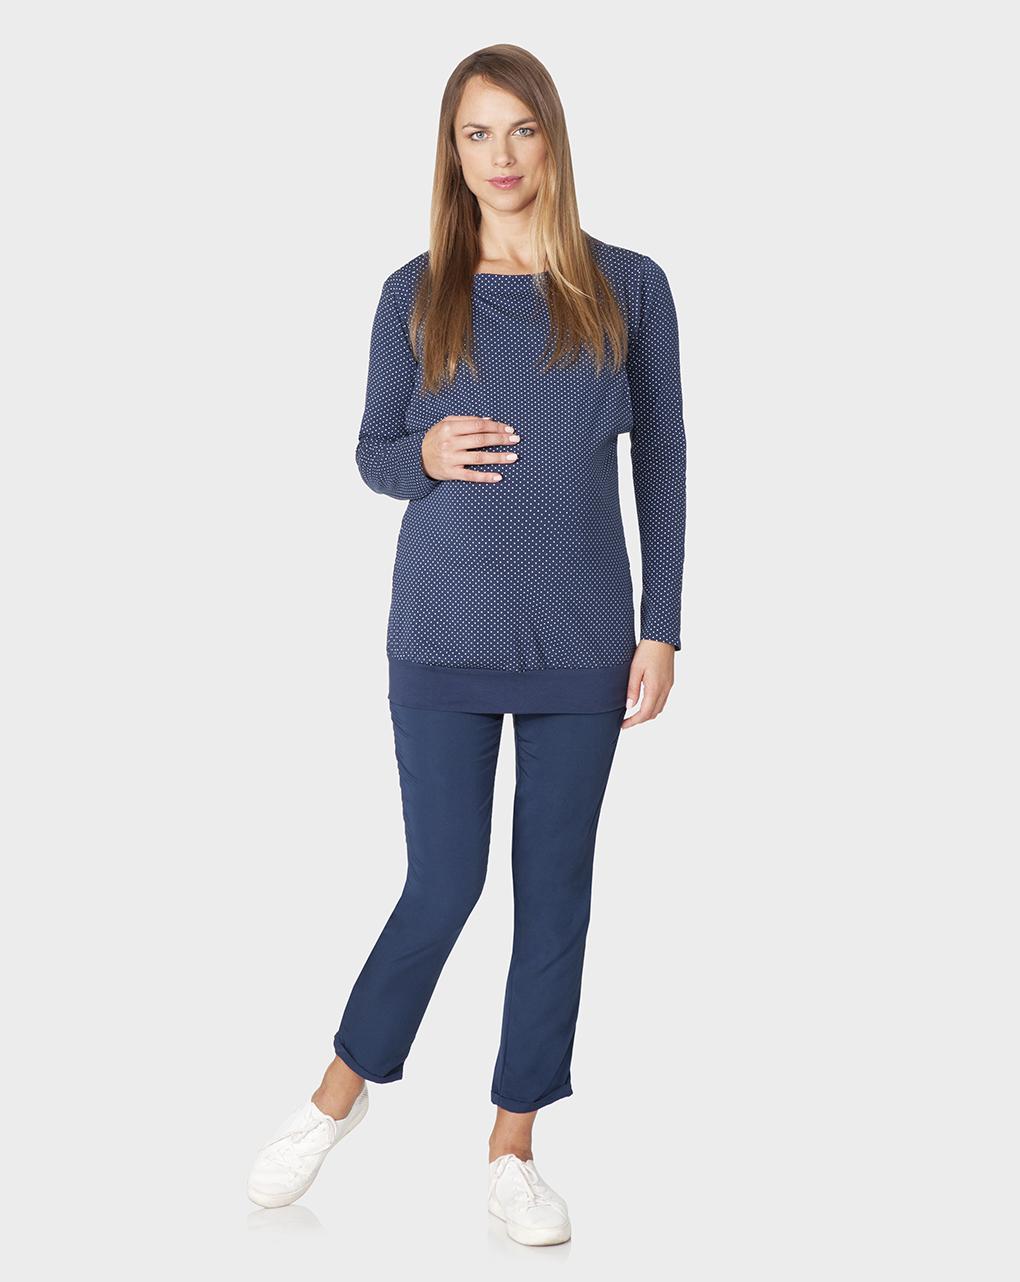 Γυναικείο Παντελόνι Εγκυμοσύνης Ψηλόμεσο Μπλε